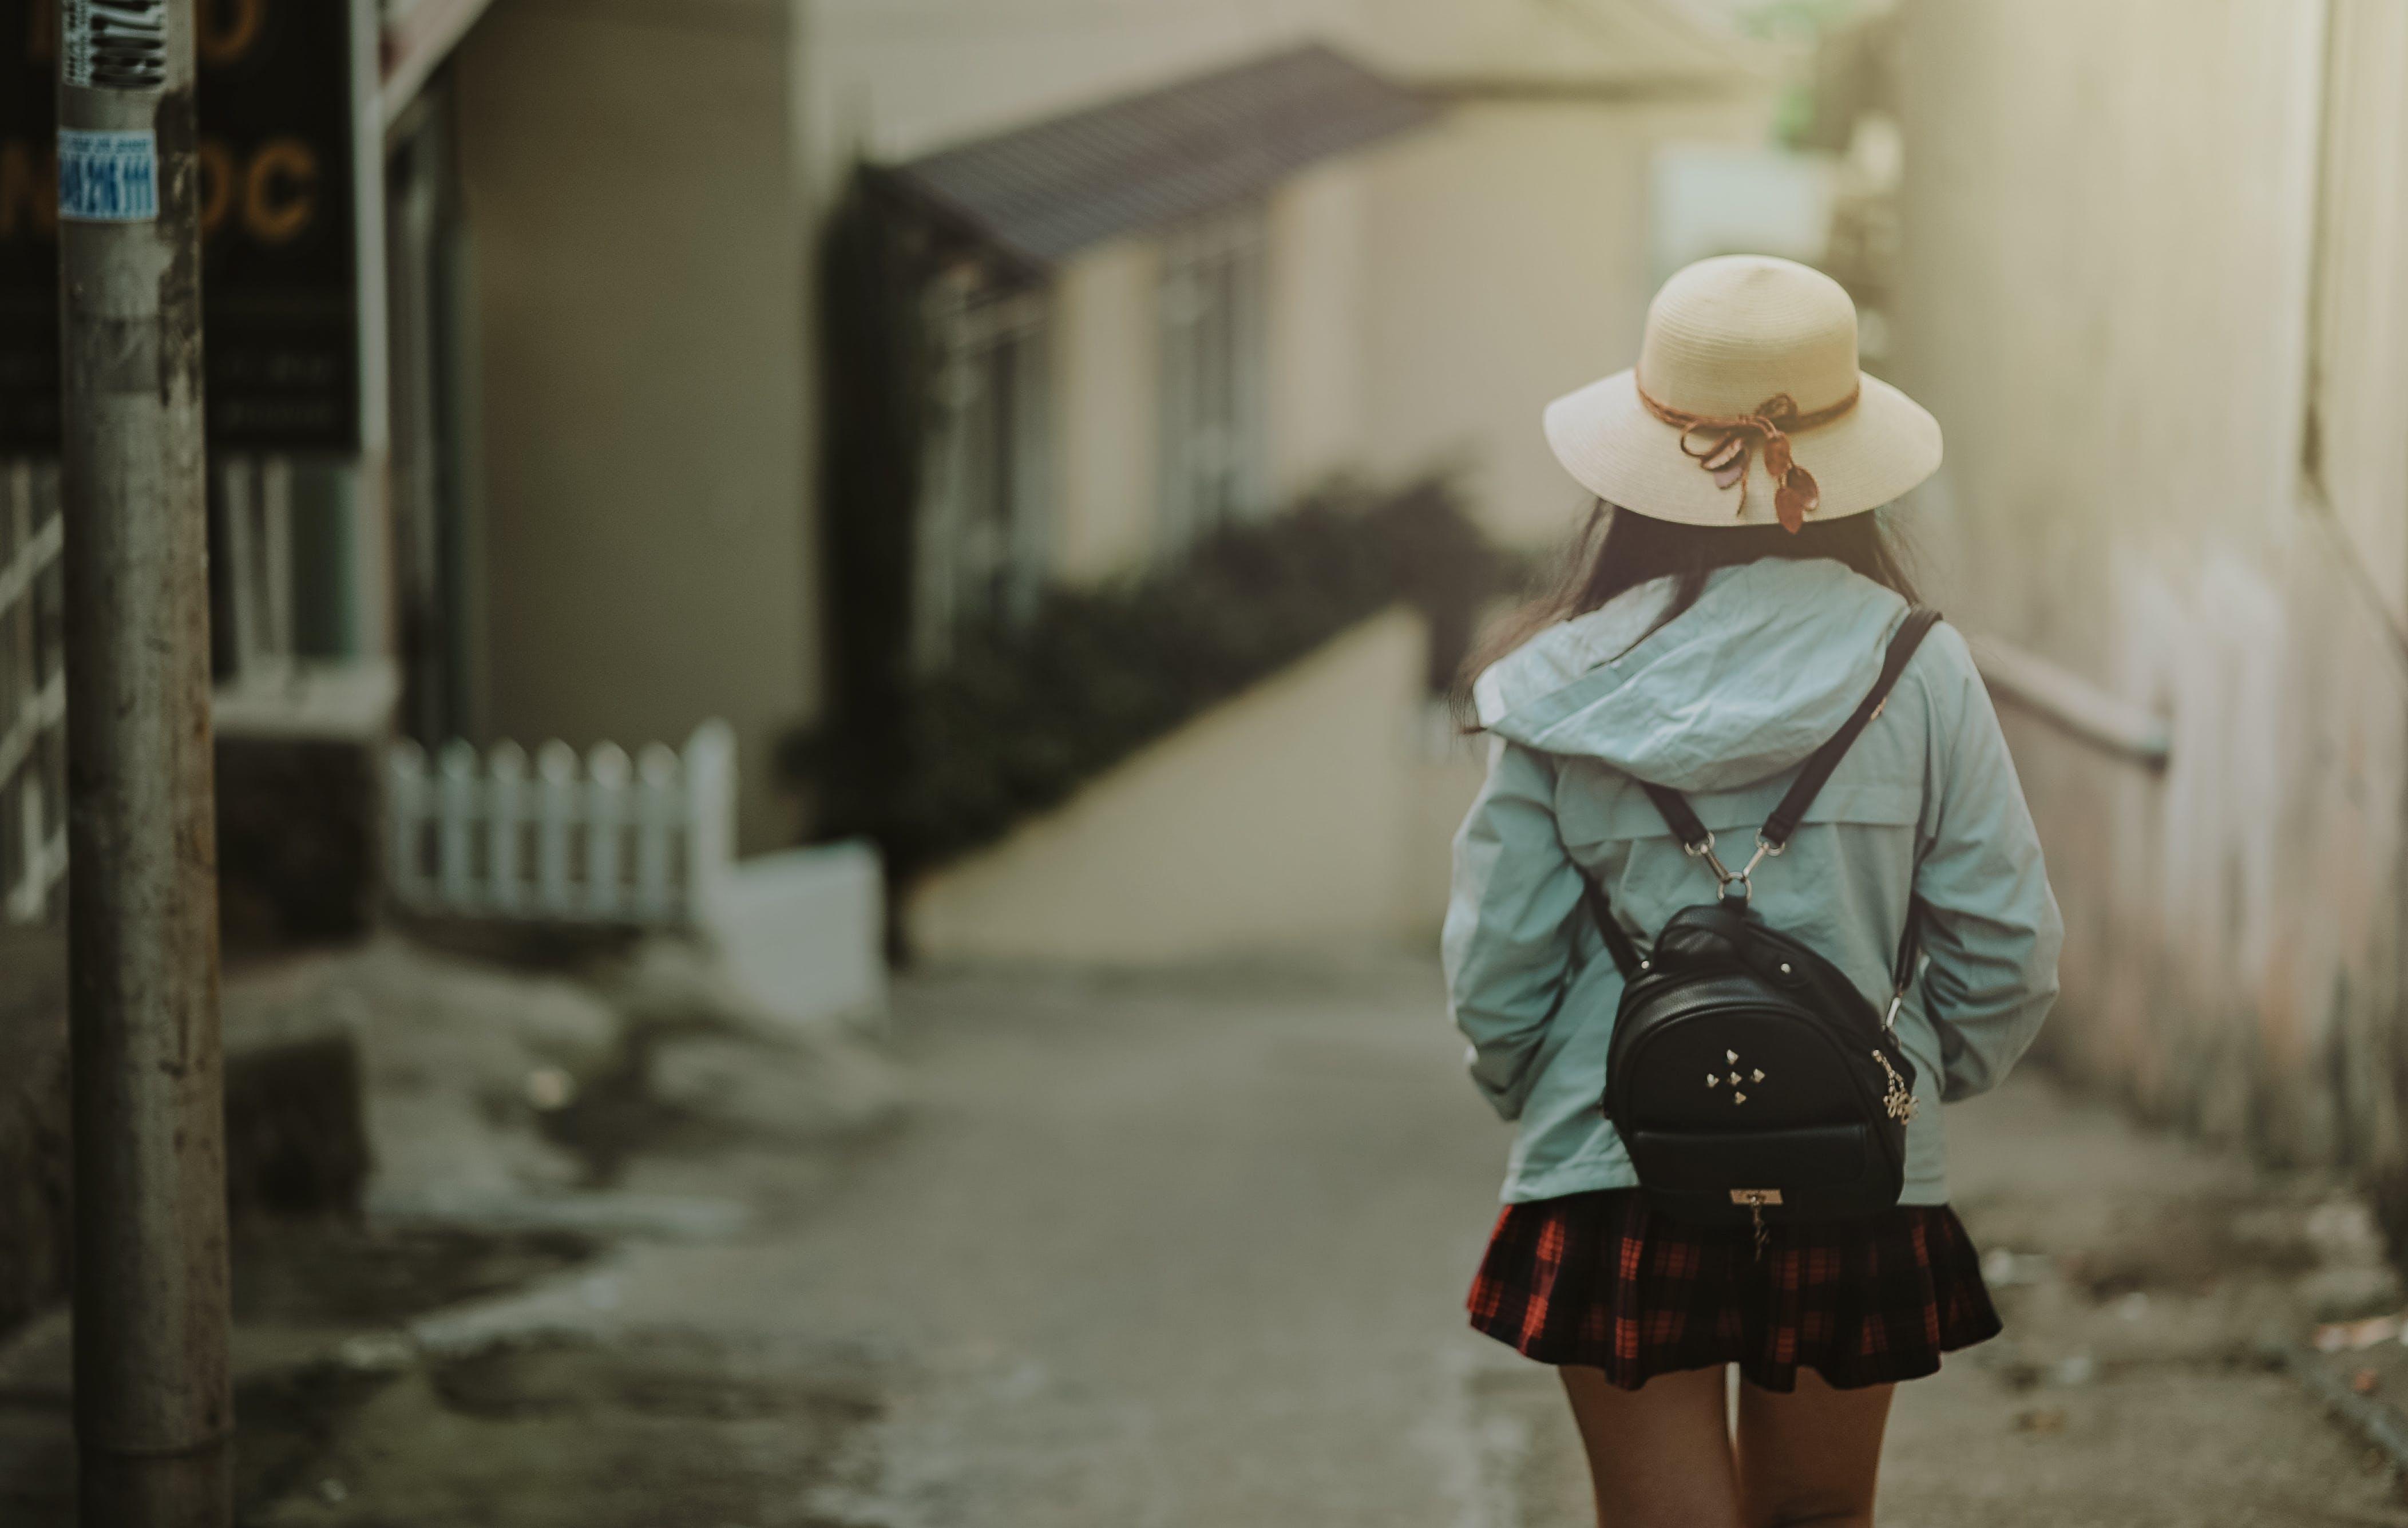 Kostnadsfri bild av dagsljus, flicka, gata, ha på sig